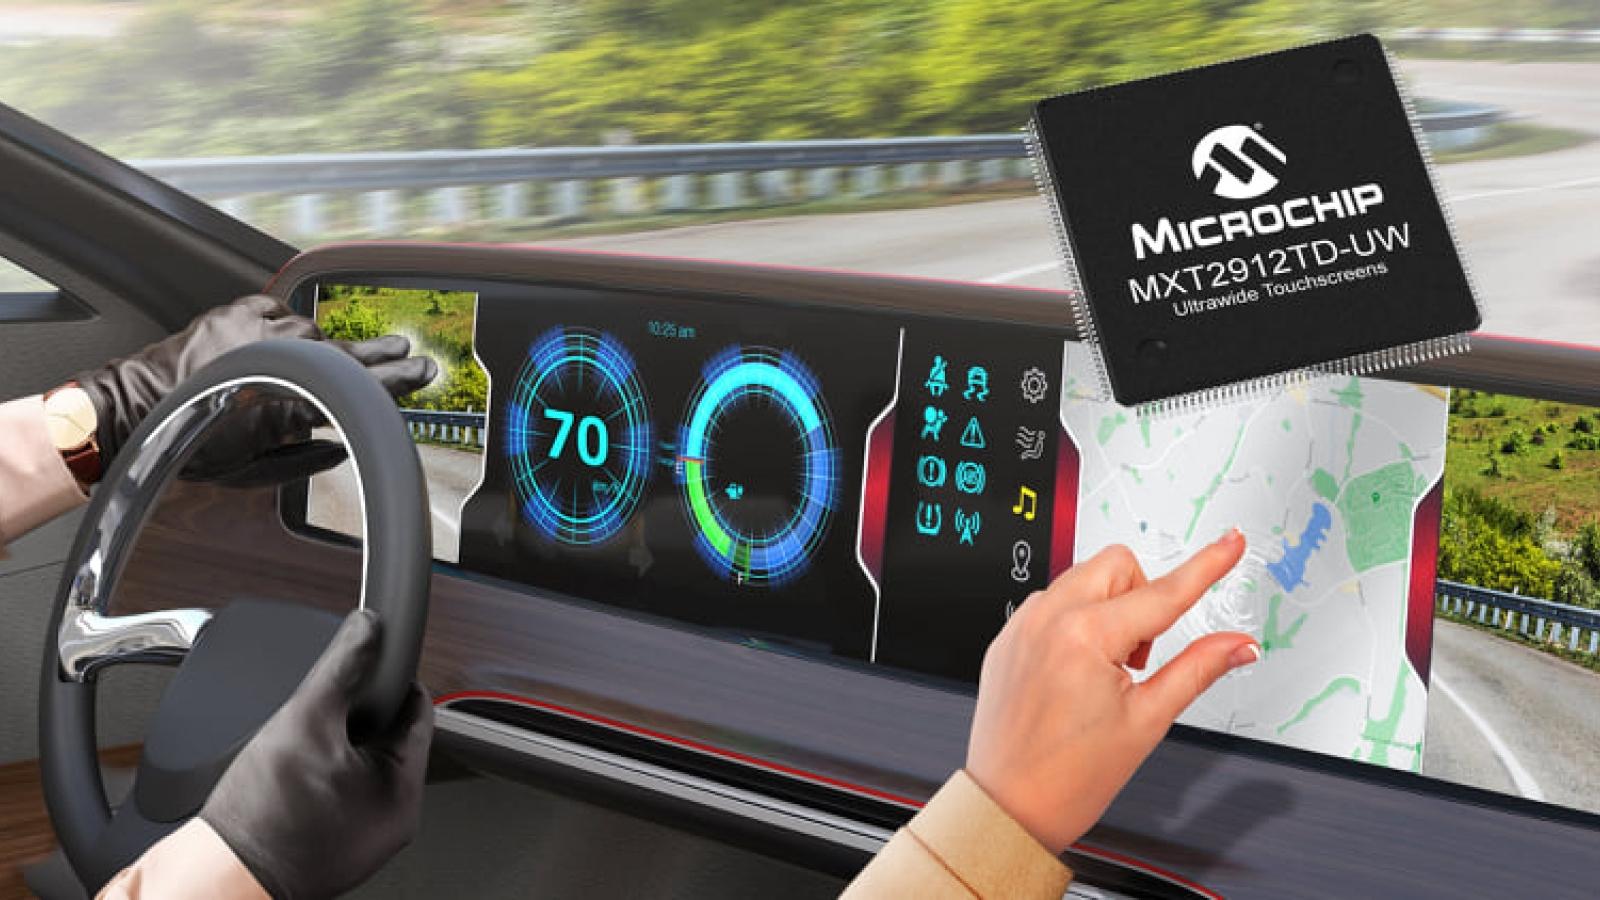 Ra mắt chip điều khiển dành cho màn hình cảm ứng siêu rộng trên ô tô